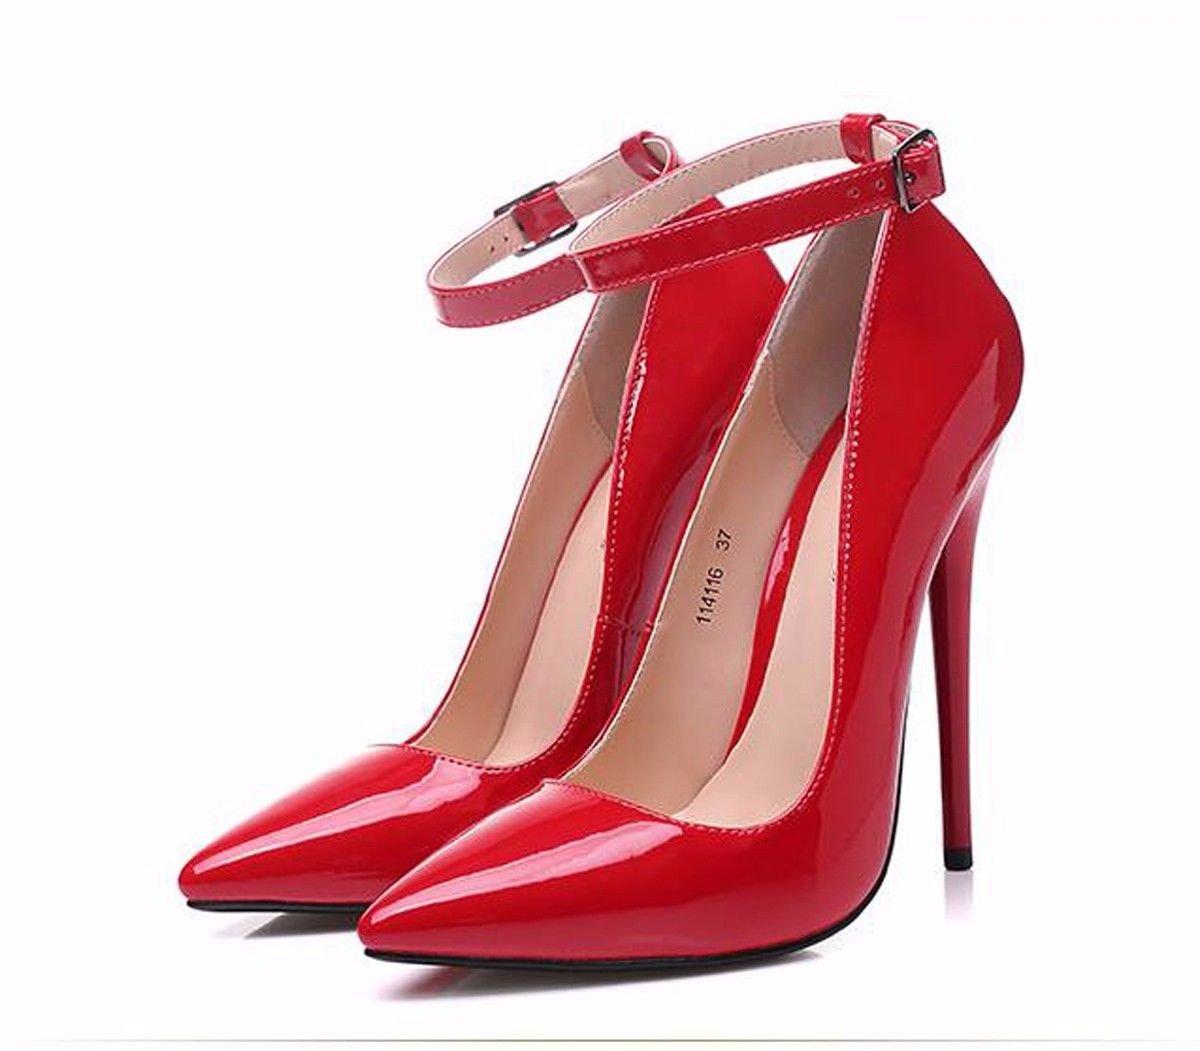 KPHY Wort an Die Sexy Schuhe Sexy Die Sexy 14 cm Super Hochhackigen Schuhe Einzelne Schuhe Dünne Sohle Scharf Darauf Hasse Hohen Himmel Damenschuhe. fb7609